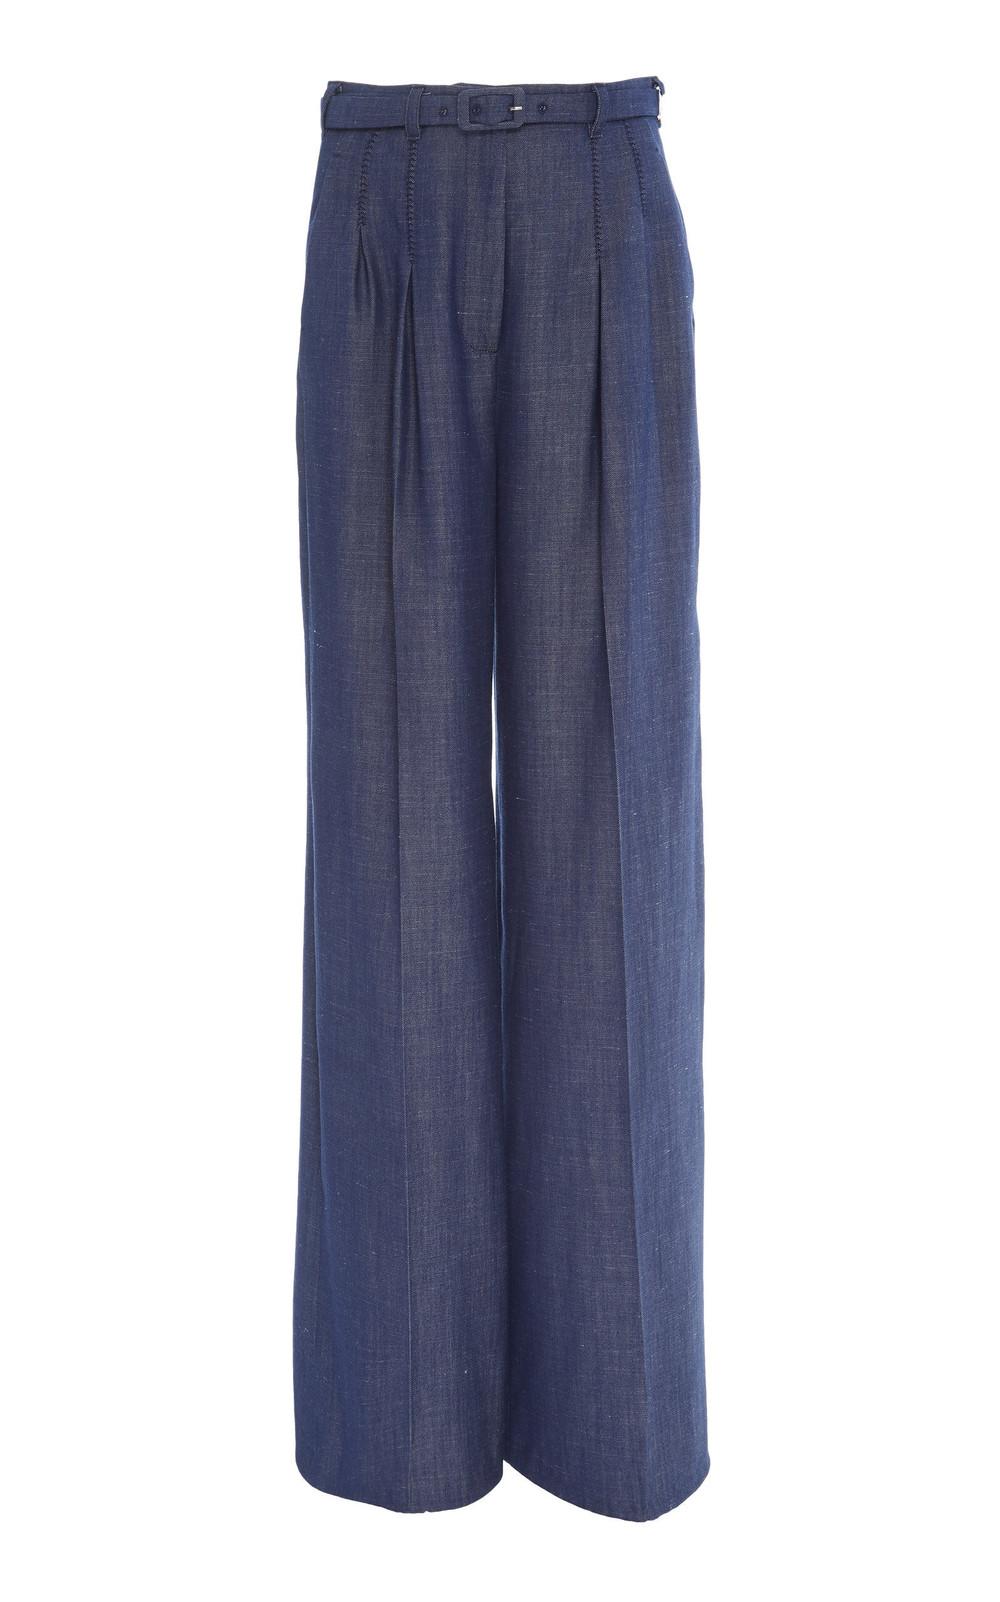 Gabriela Hearst Vargas Wool-Linen Twill Wide-Leg Pants in navy